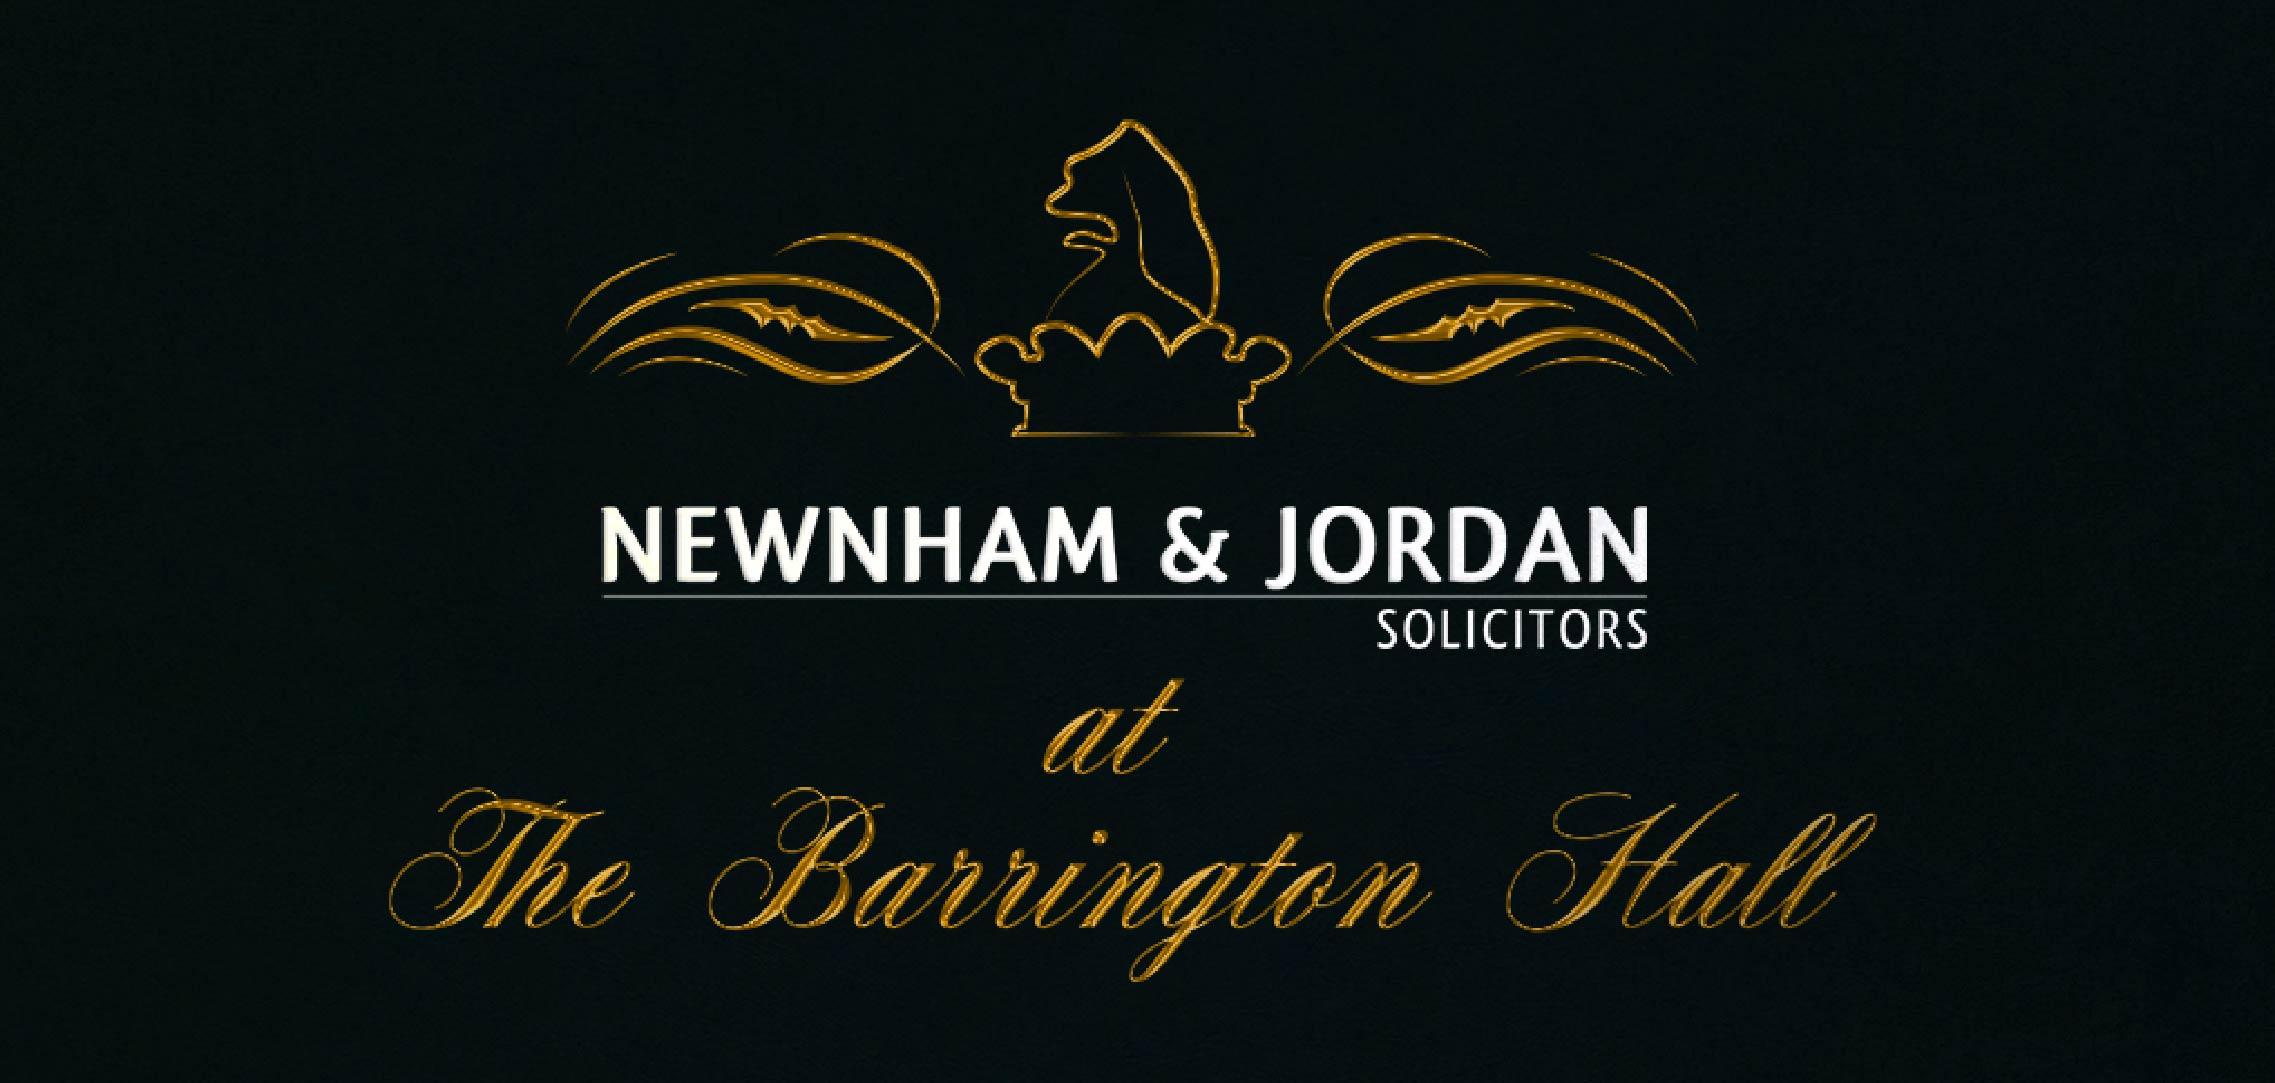 Newnham & Jordan Solicitors at The Barrington Hall